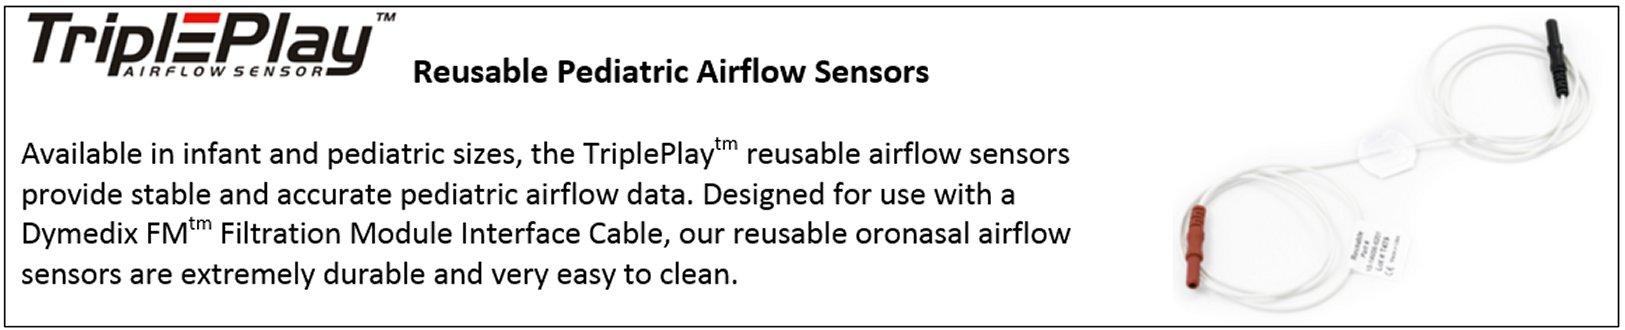 reusable pediatric airflow sensors